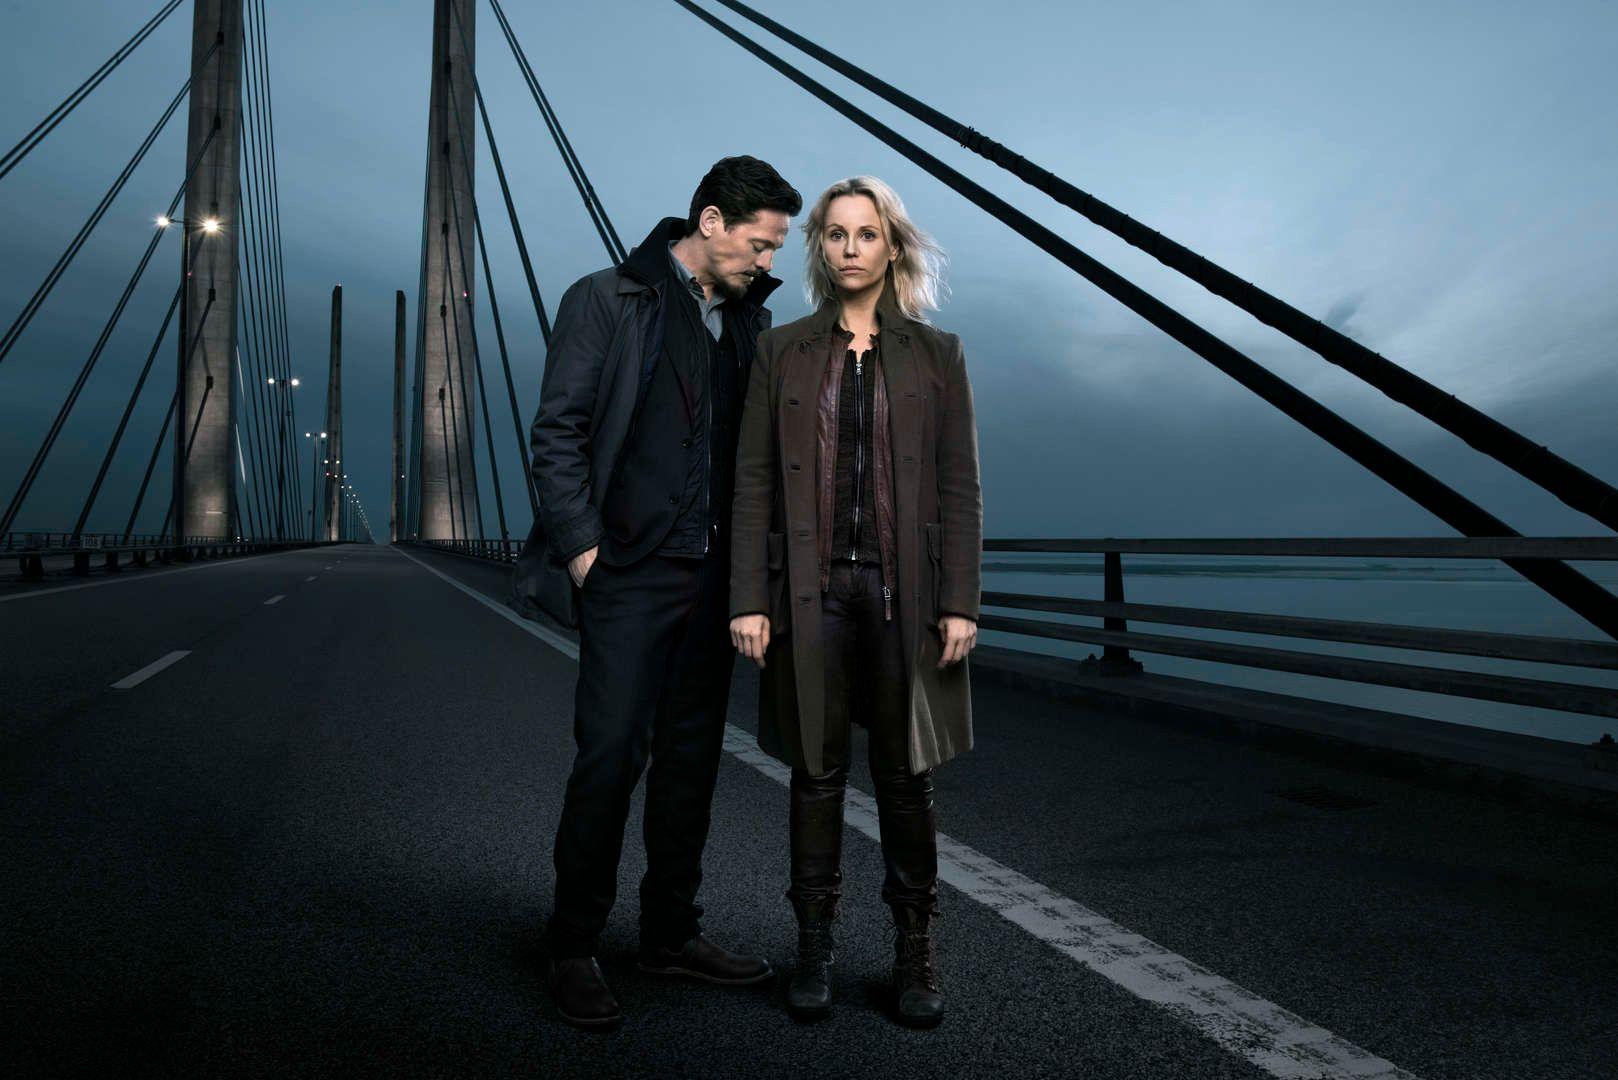 SISTE TUR OVER BROEN: Sofia Helin som Saga Norén og Thure Lindhardt som Henrik Sabroe i «Broen IIII».